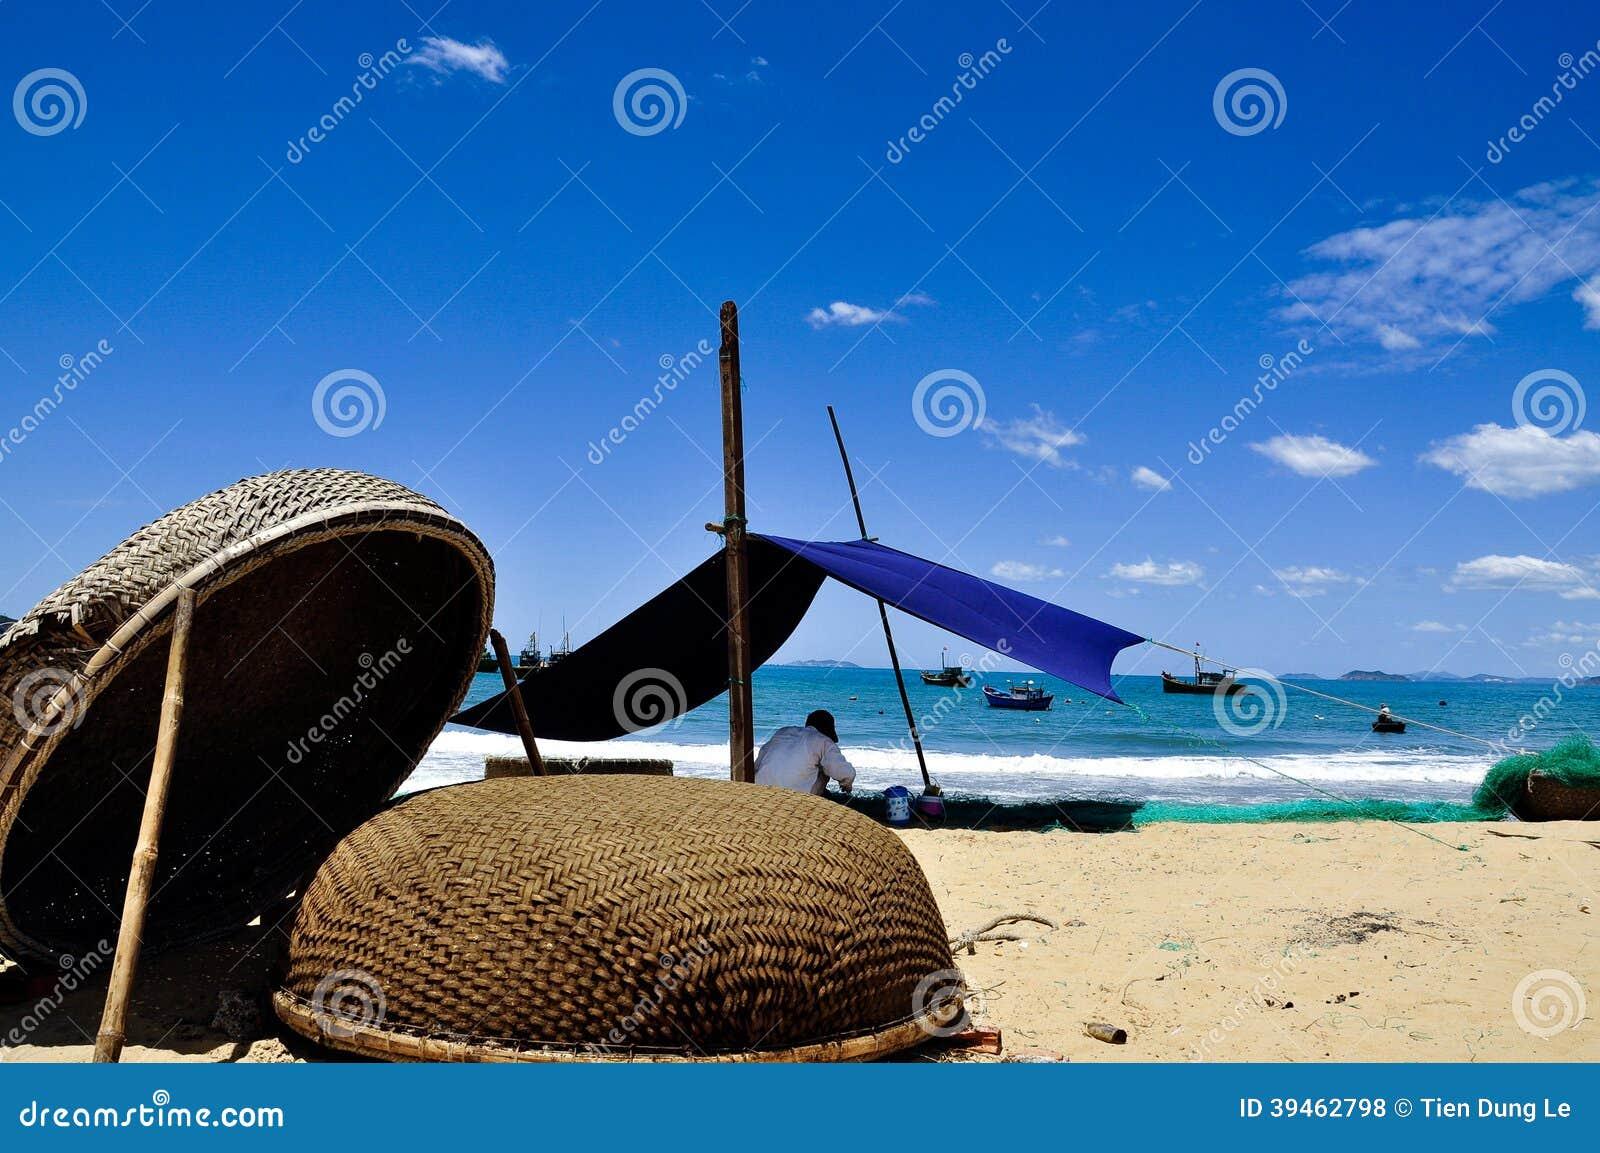 Επιδιόρθωση των διχτυών του ψαρέματος στην παραλία Quy Nhon